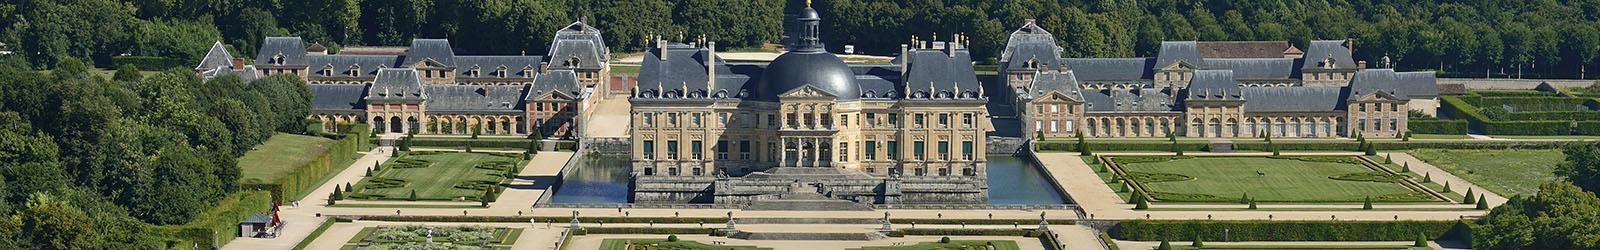 Coloriage Chateau Vaux Le Vicomte.10 Bonnes Raisons De Visiter Le Chateau Chateau De Vaux Le Vicomte